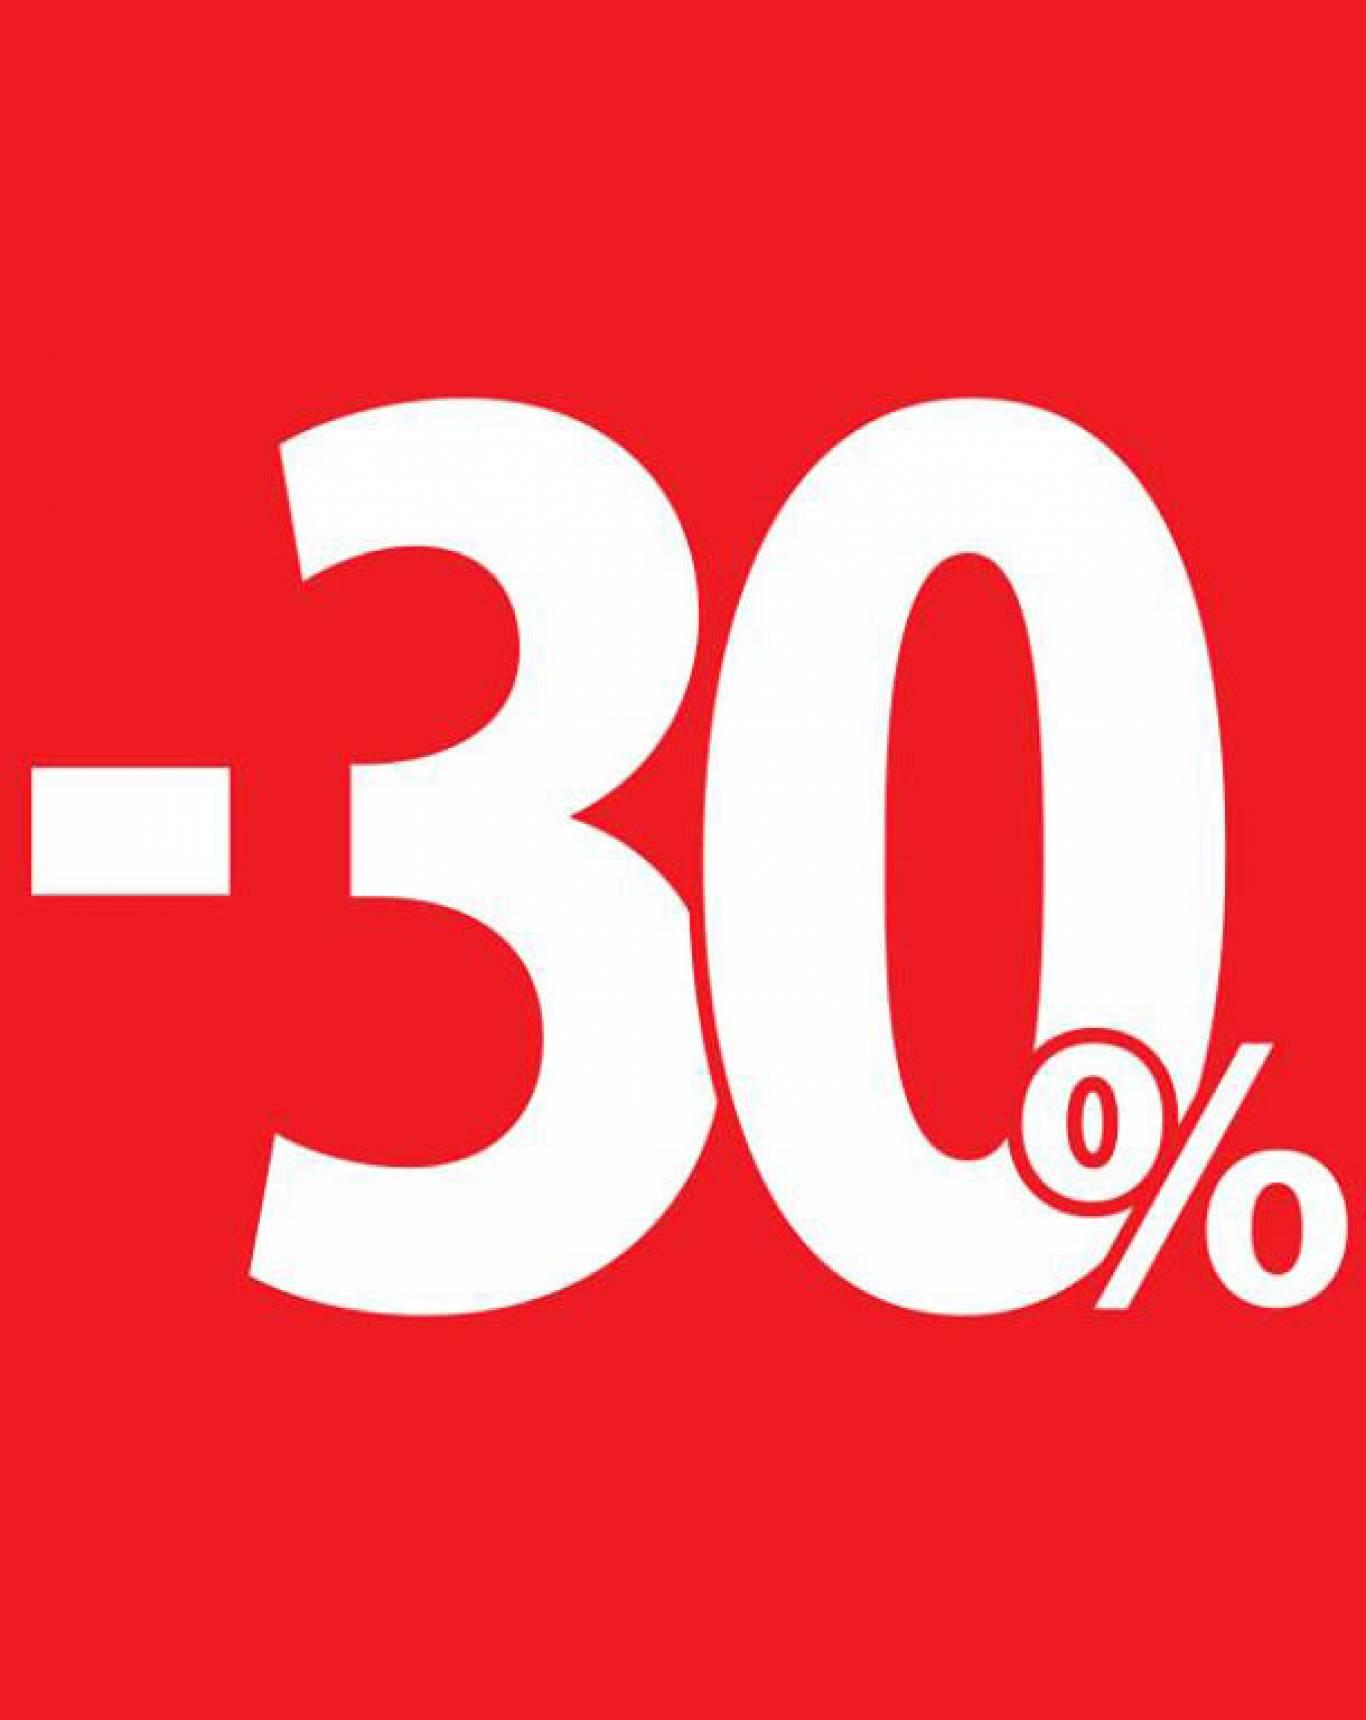 Акція -30% в магазинах BROCARD, BONJOUR, Л'ЕТУАЛЬ